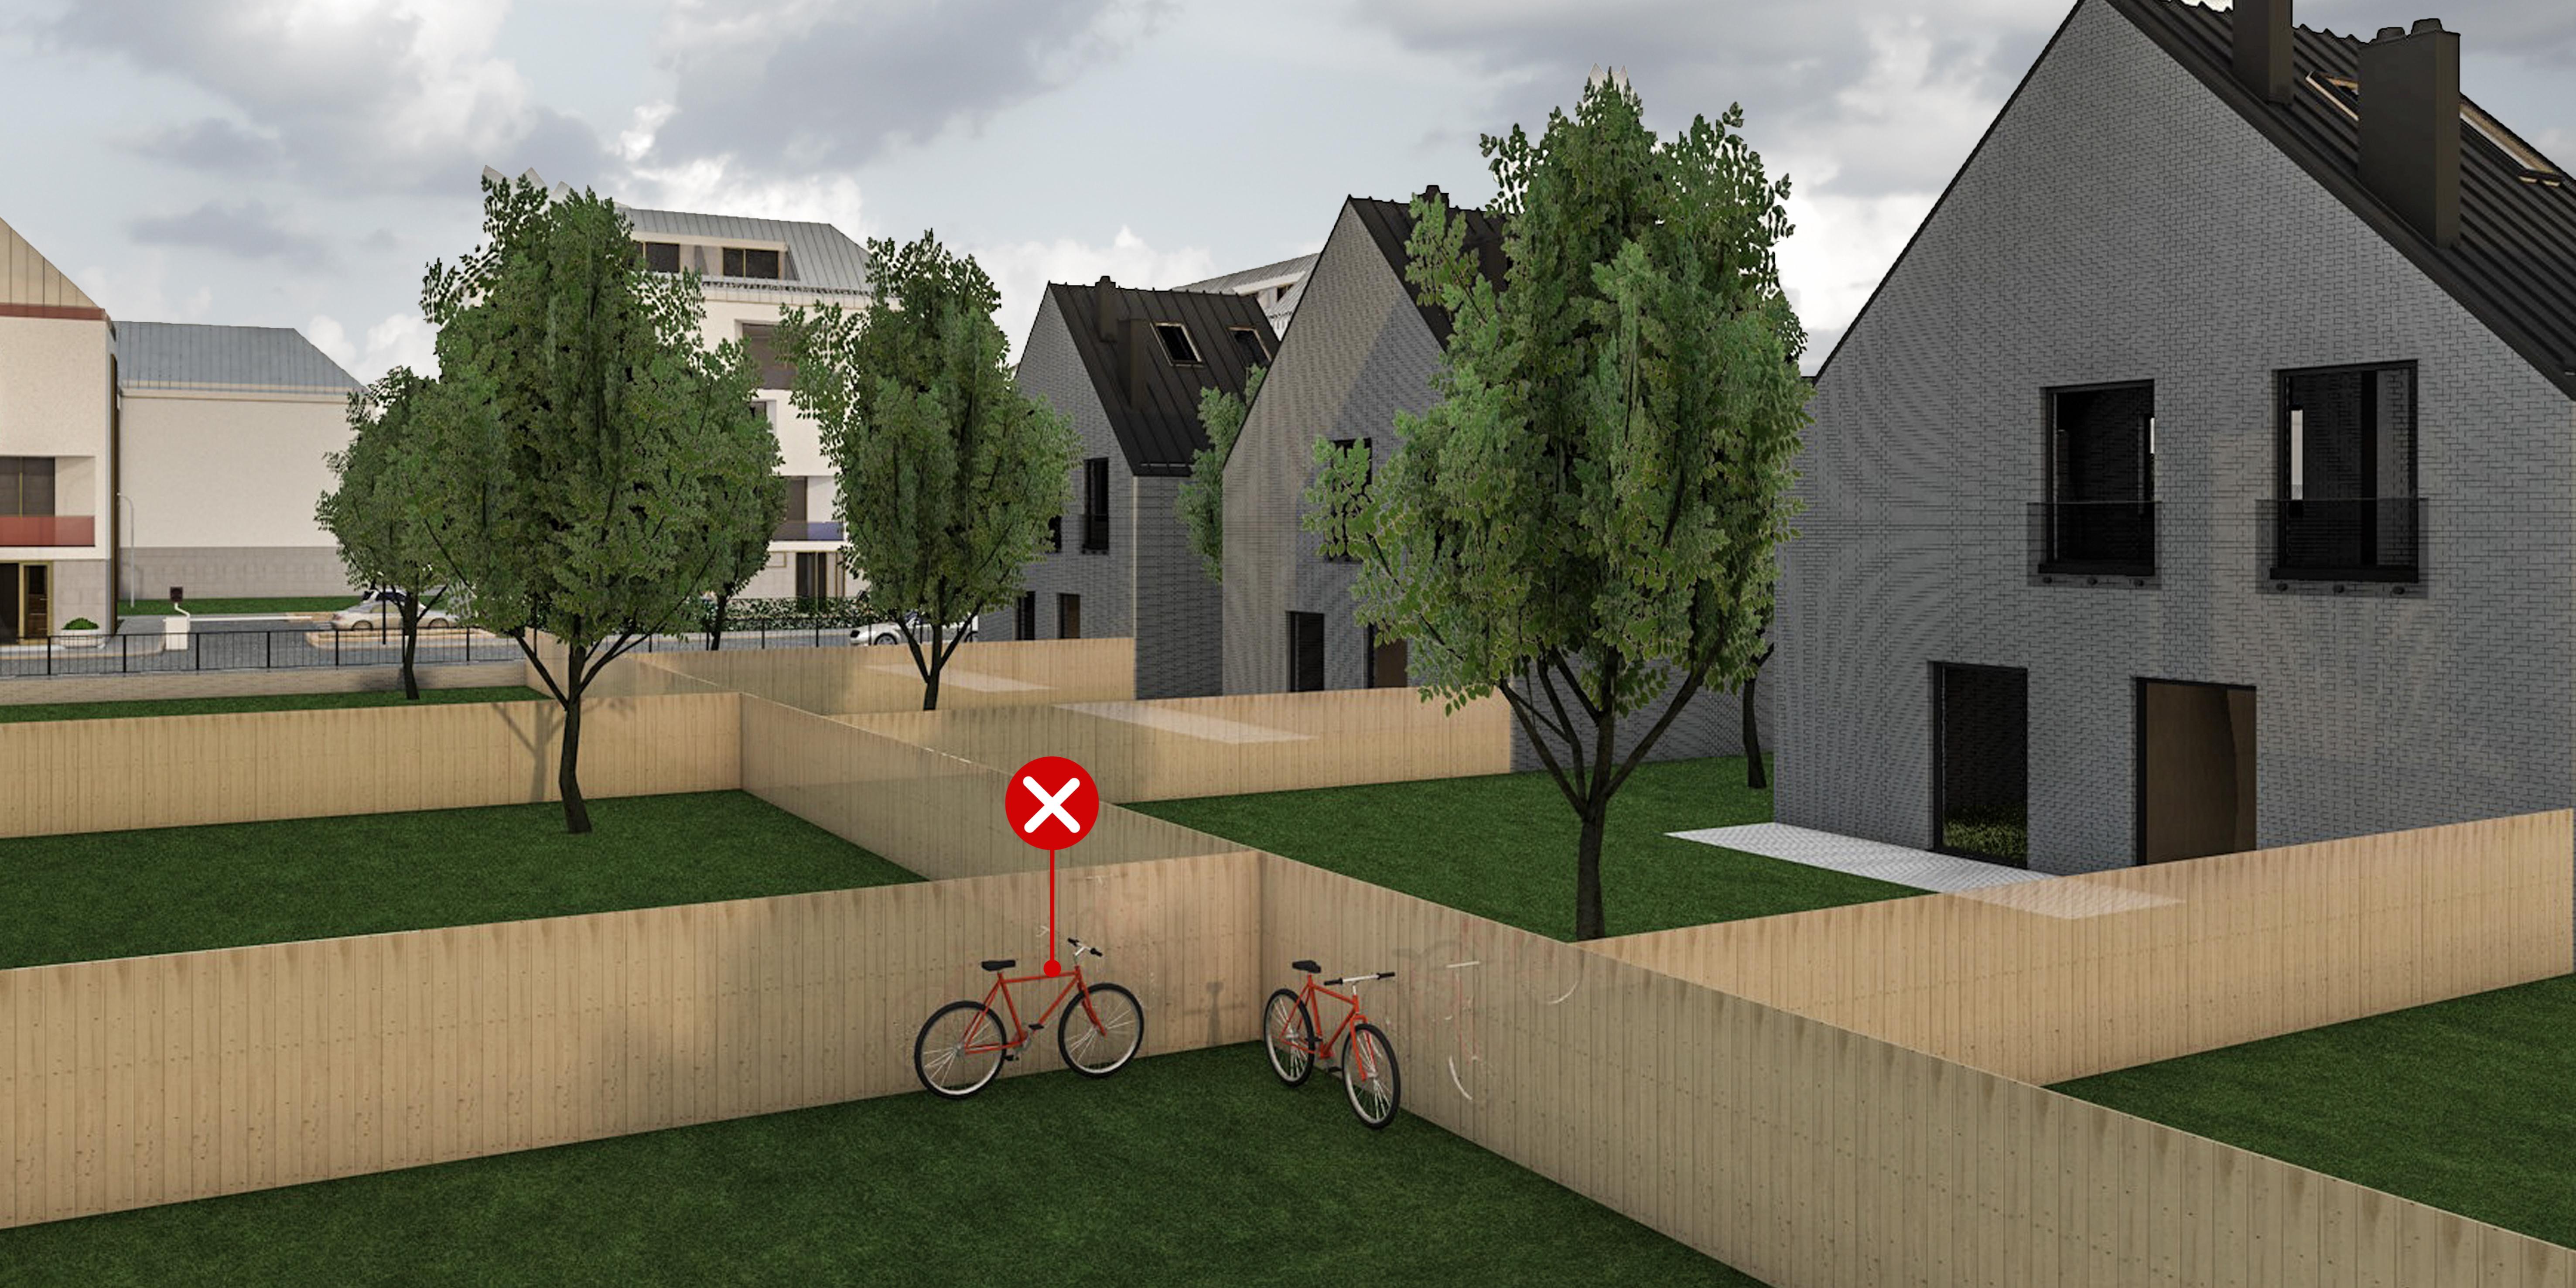 25 – Kerékpártárolás kertben – helytelen